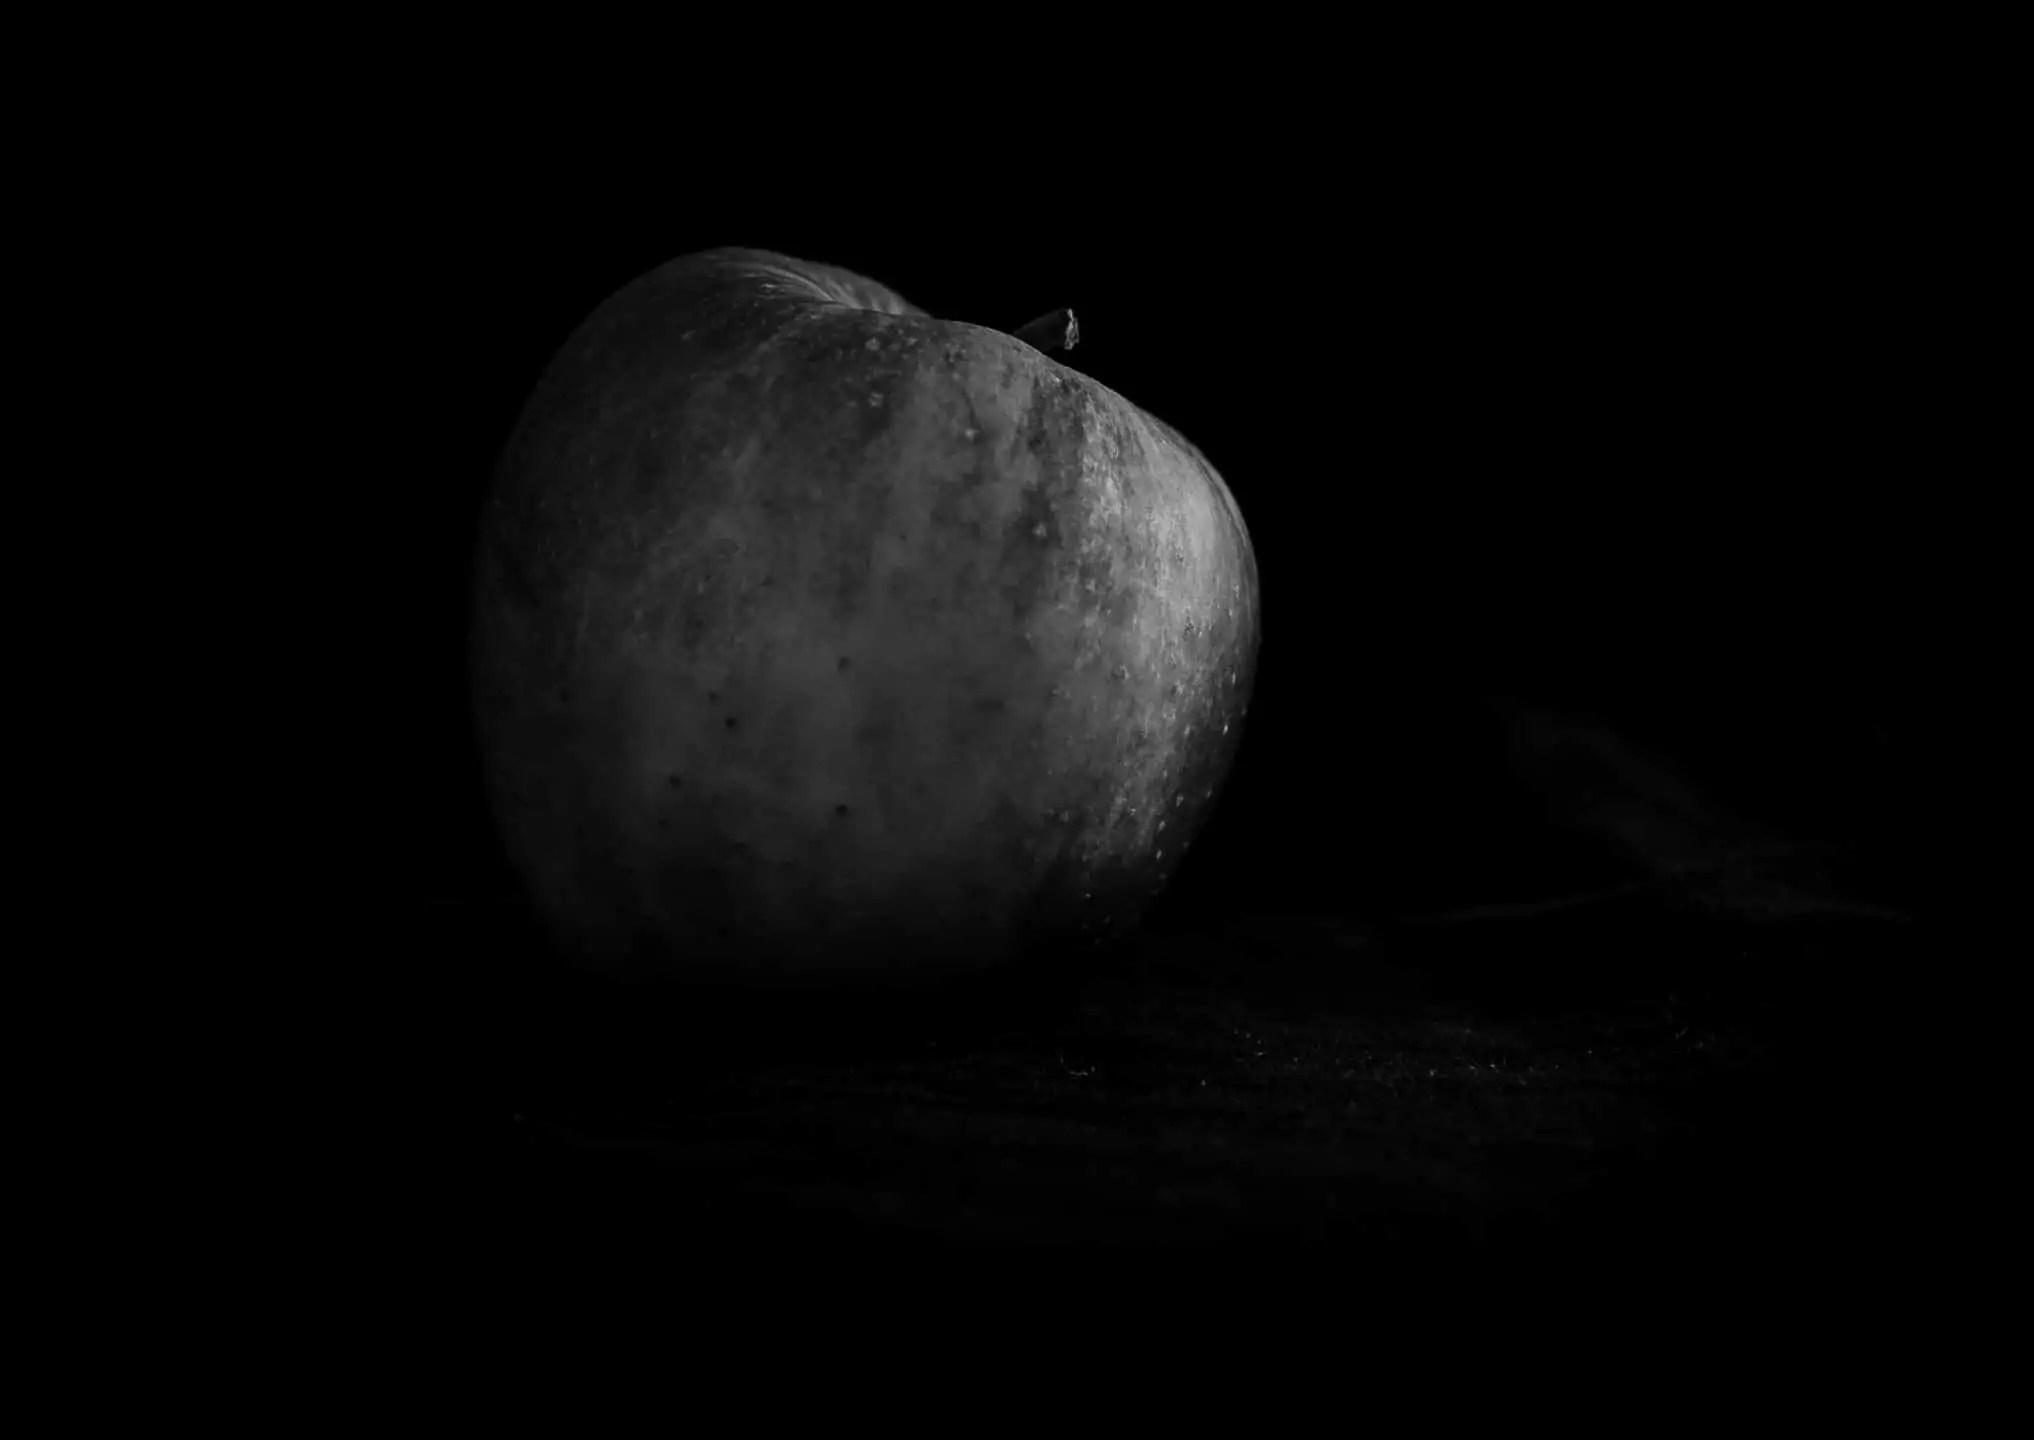 Zdjęcia jabłek w stylu rembrandta 4 - Zdjęcia jabłek - polskie owoce